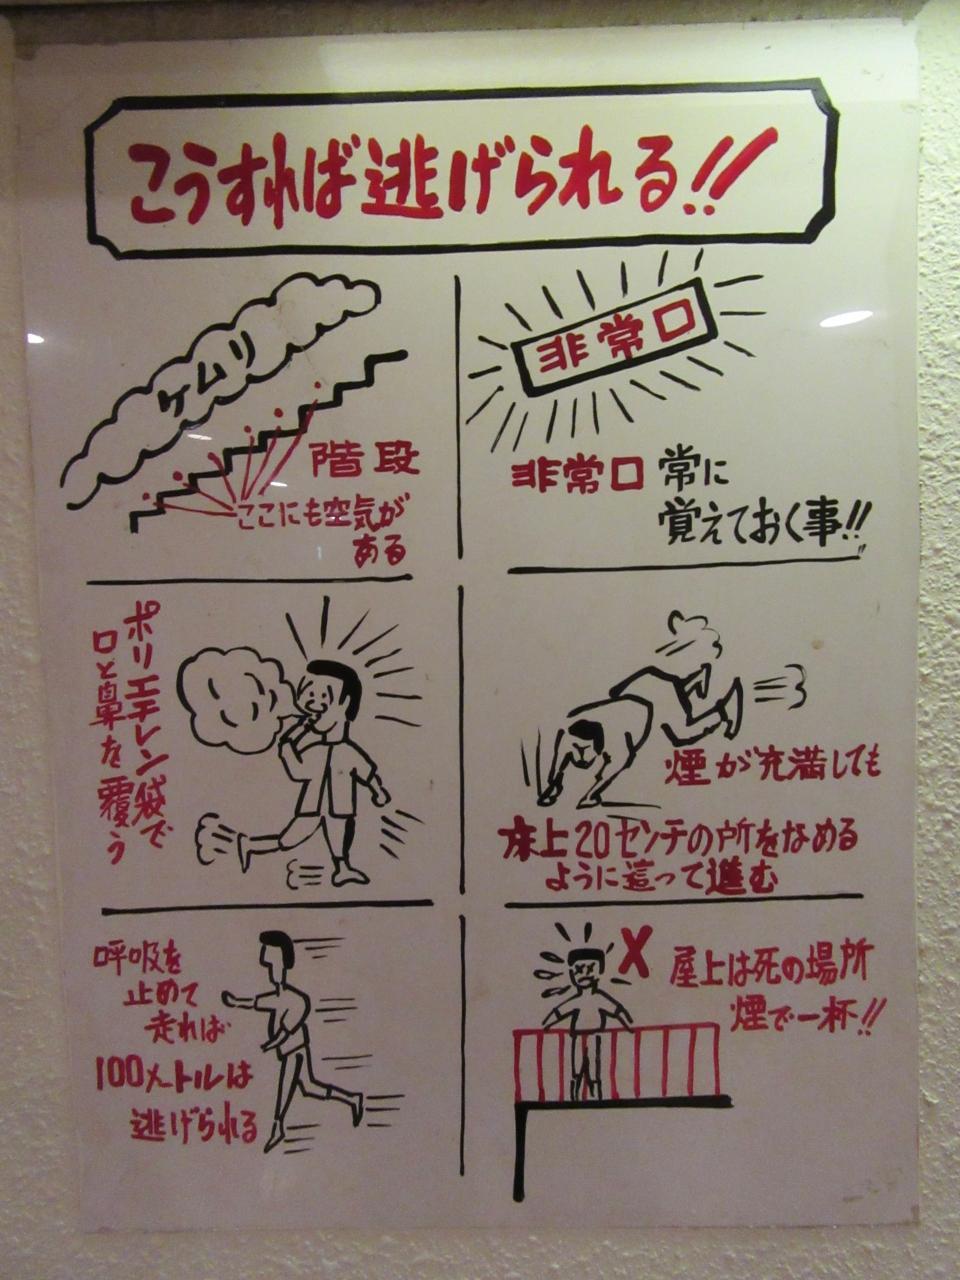 【東京】大田区の7階建て物流倉庫で火事 2人死亡1人意識不明   ->画像>6枚